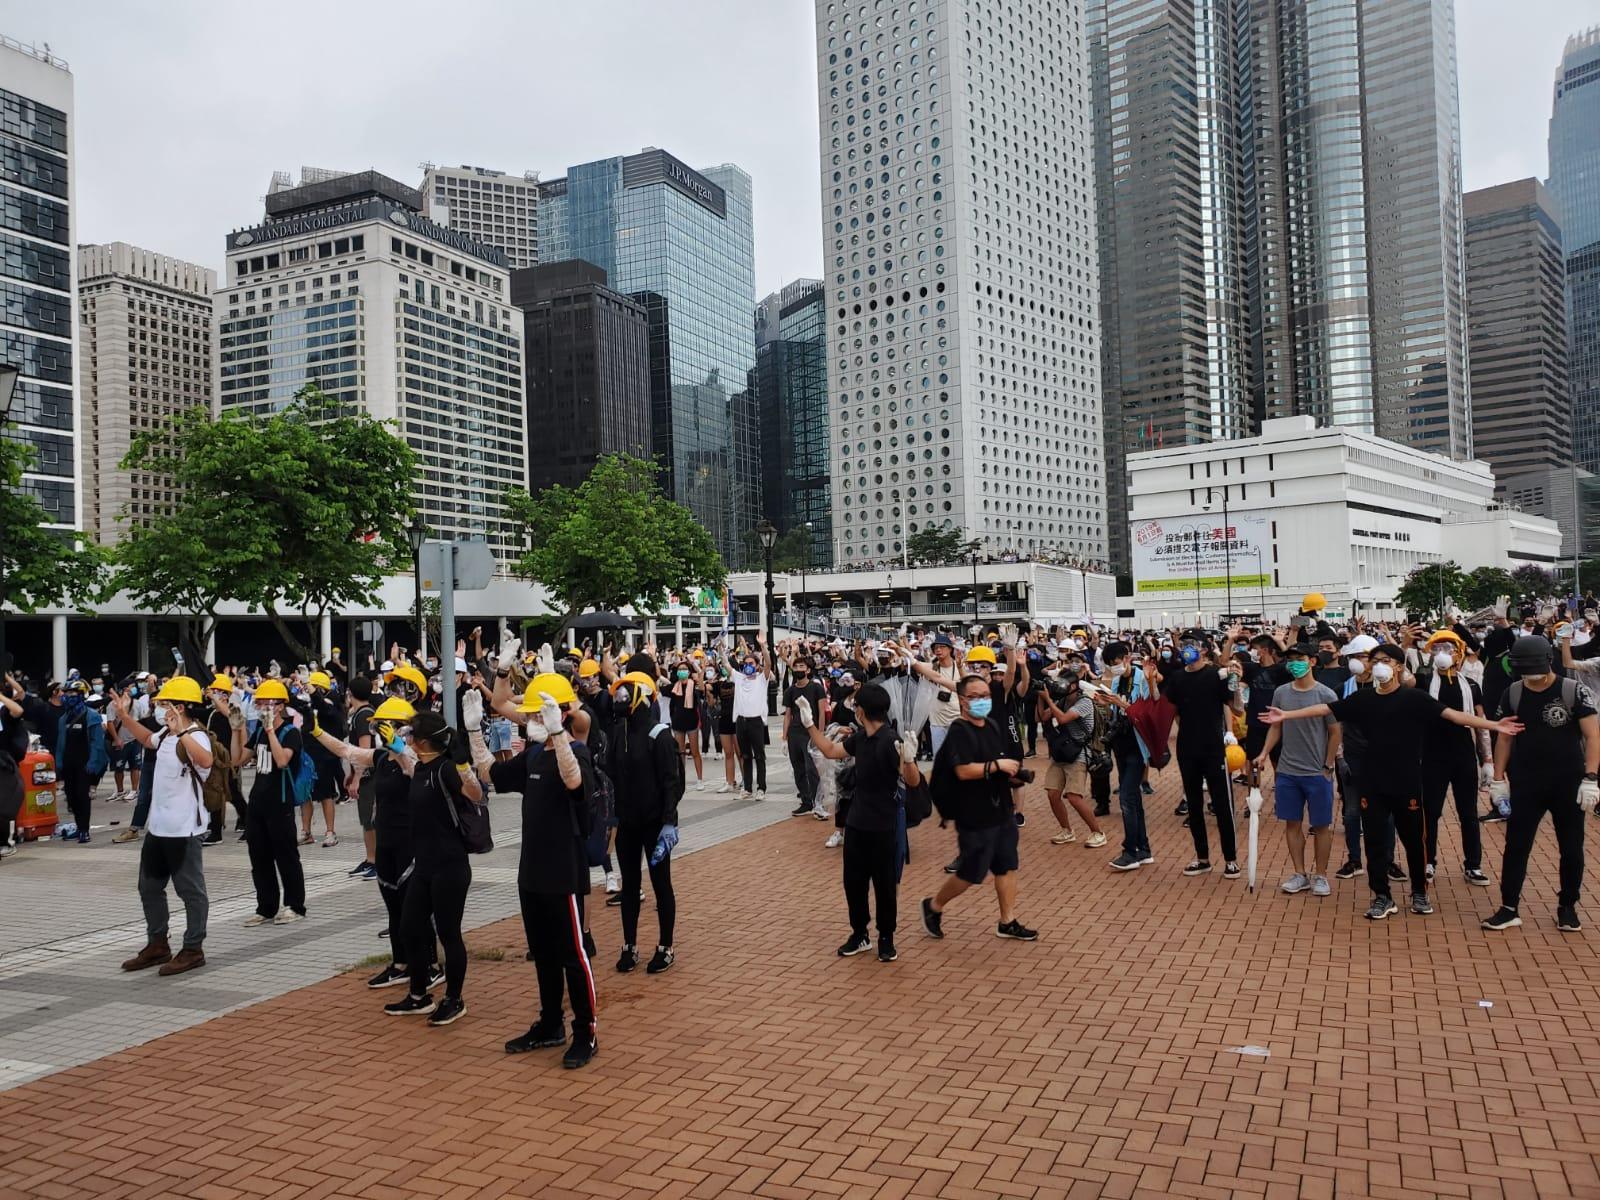 示威者與防暴警察局面僵持